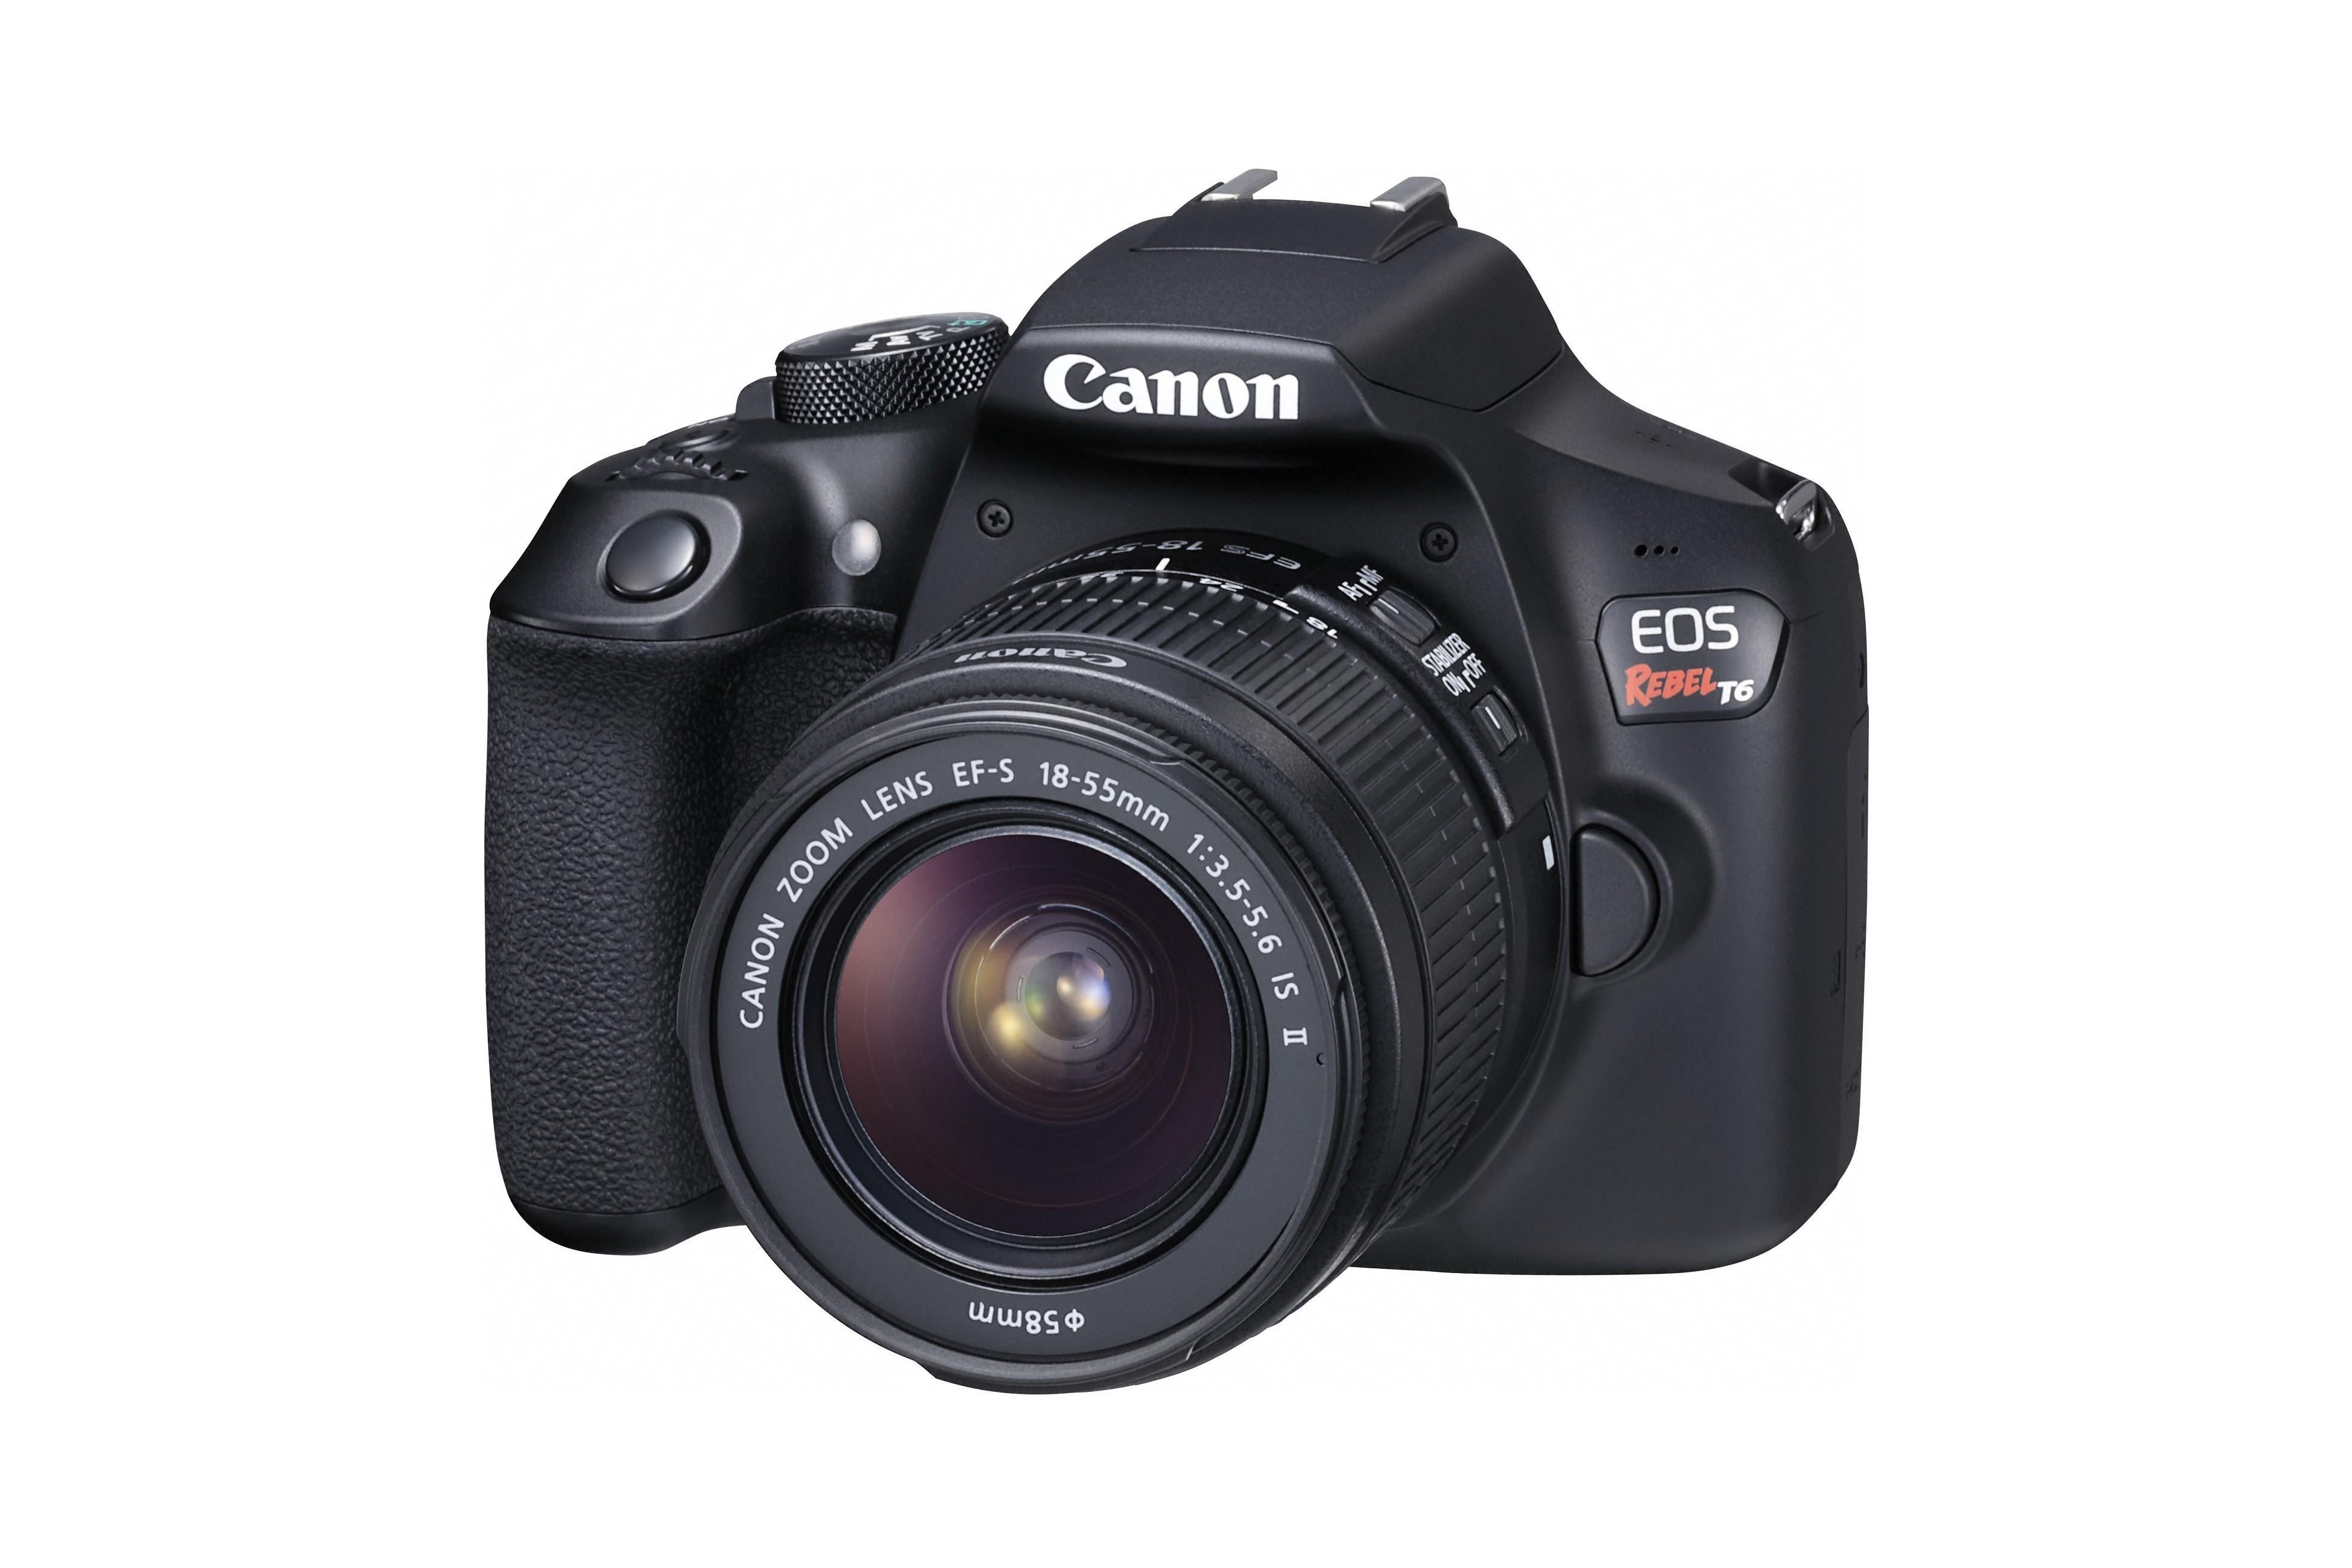 Camara fotografica canon profesional 2012 84